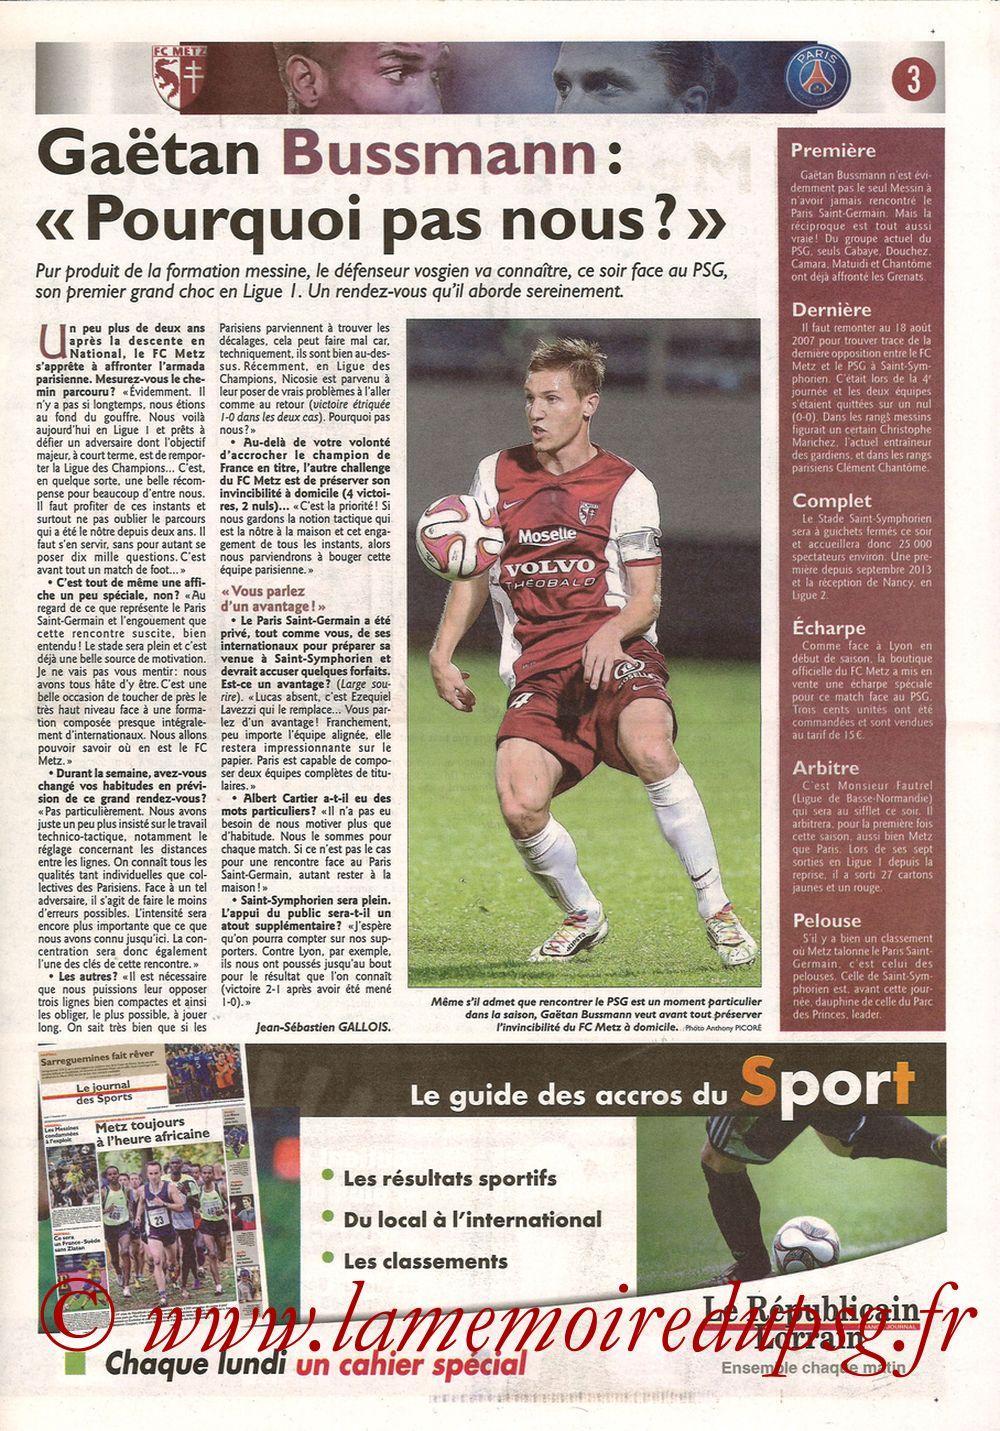 2014-11-21  Metz-PSG (16ème L1, Le Républicain Lorrain) - Page 03